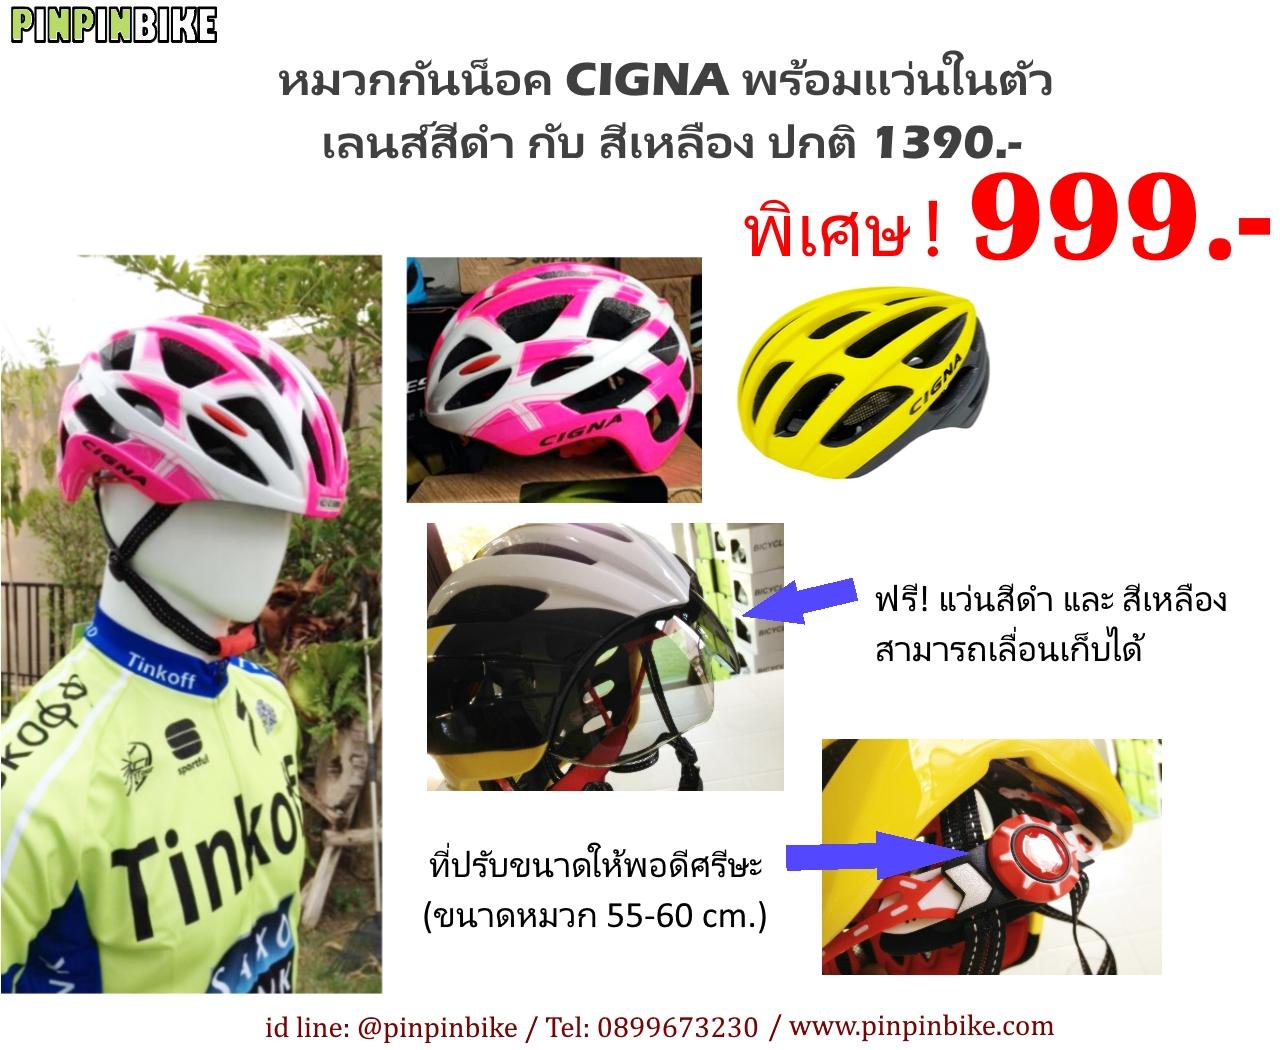 หมวกแว่น CIGNA ทรงกลม (แอดไลน์ @pinpinbike ใส่ @ ข้างหน้าด้วยนะคะ)